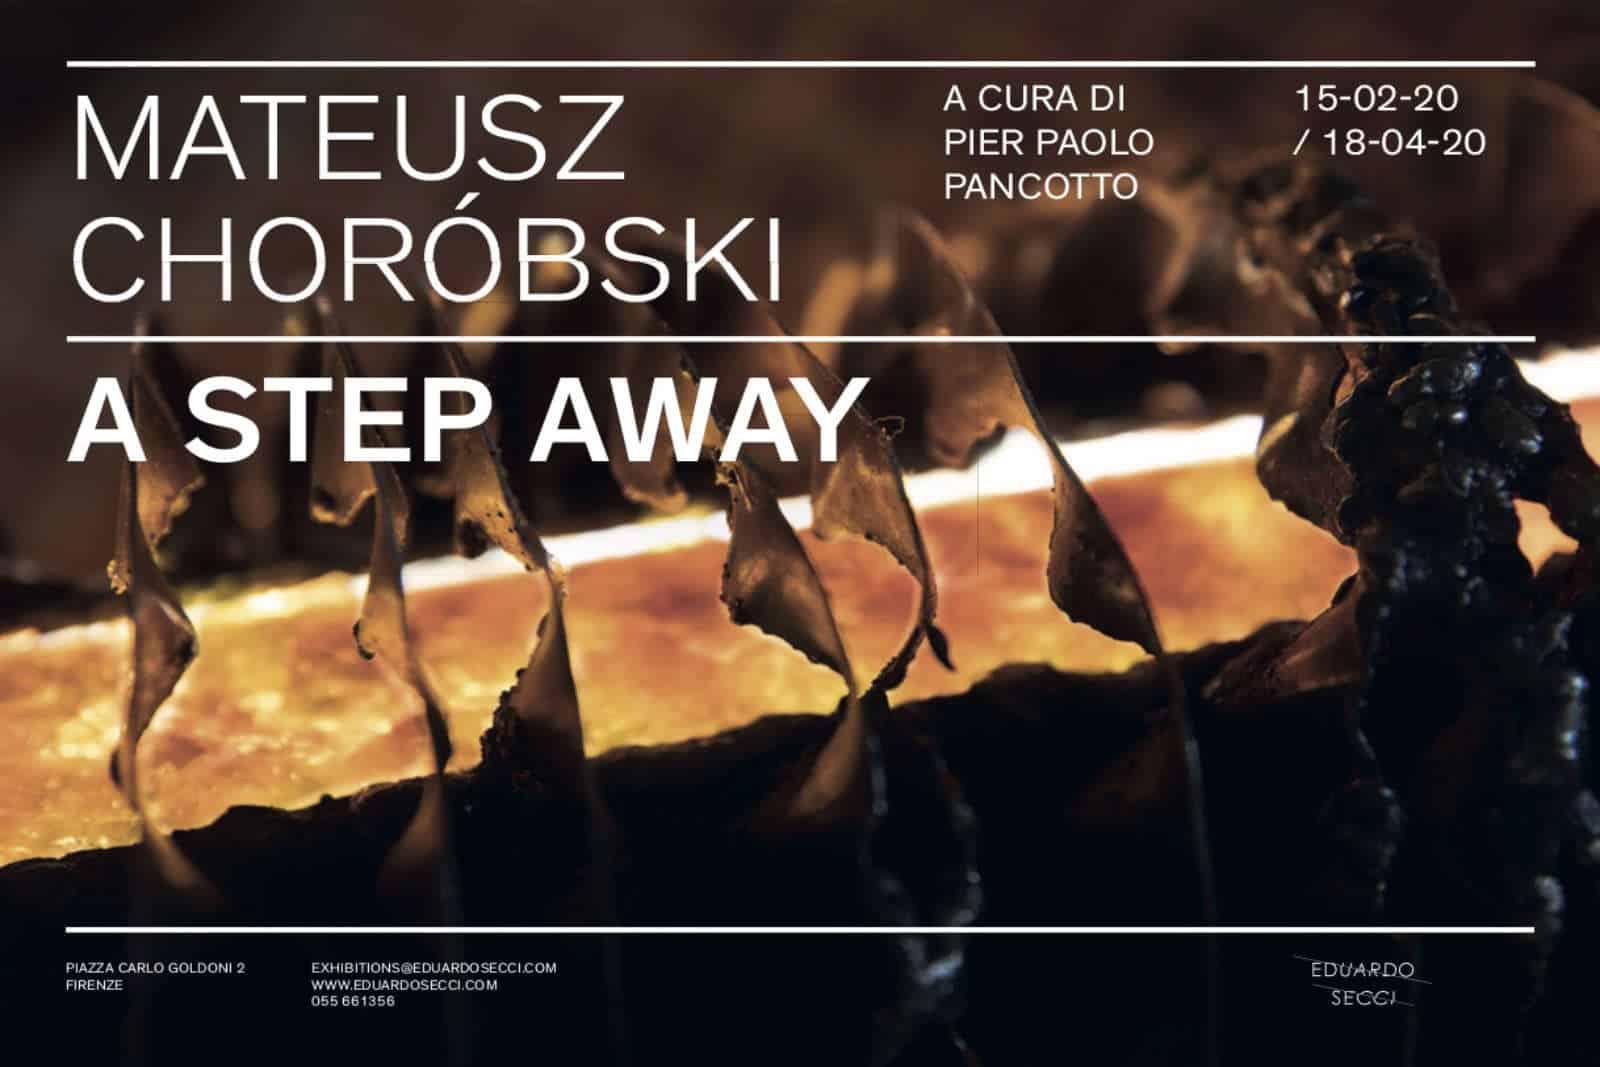 Mateusz Choróbski step away exhibition